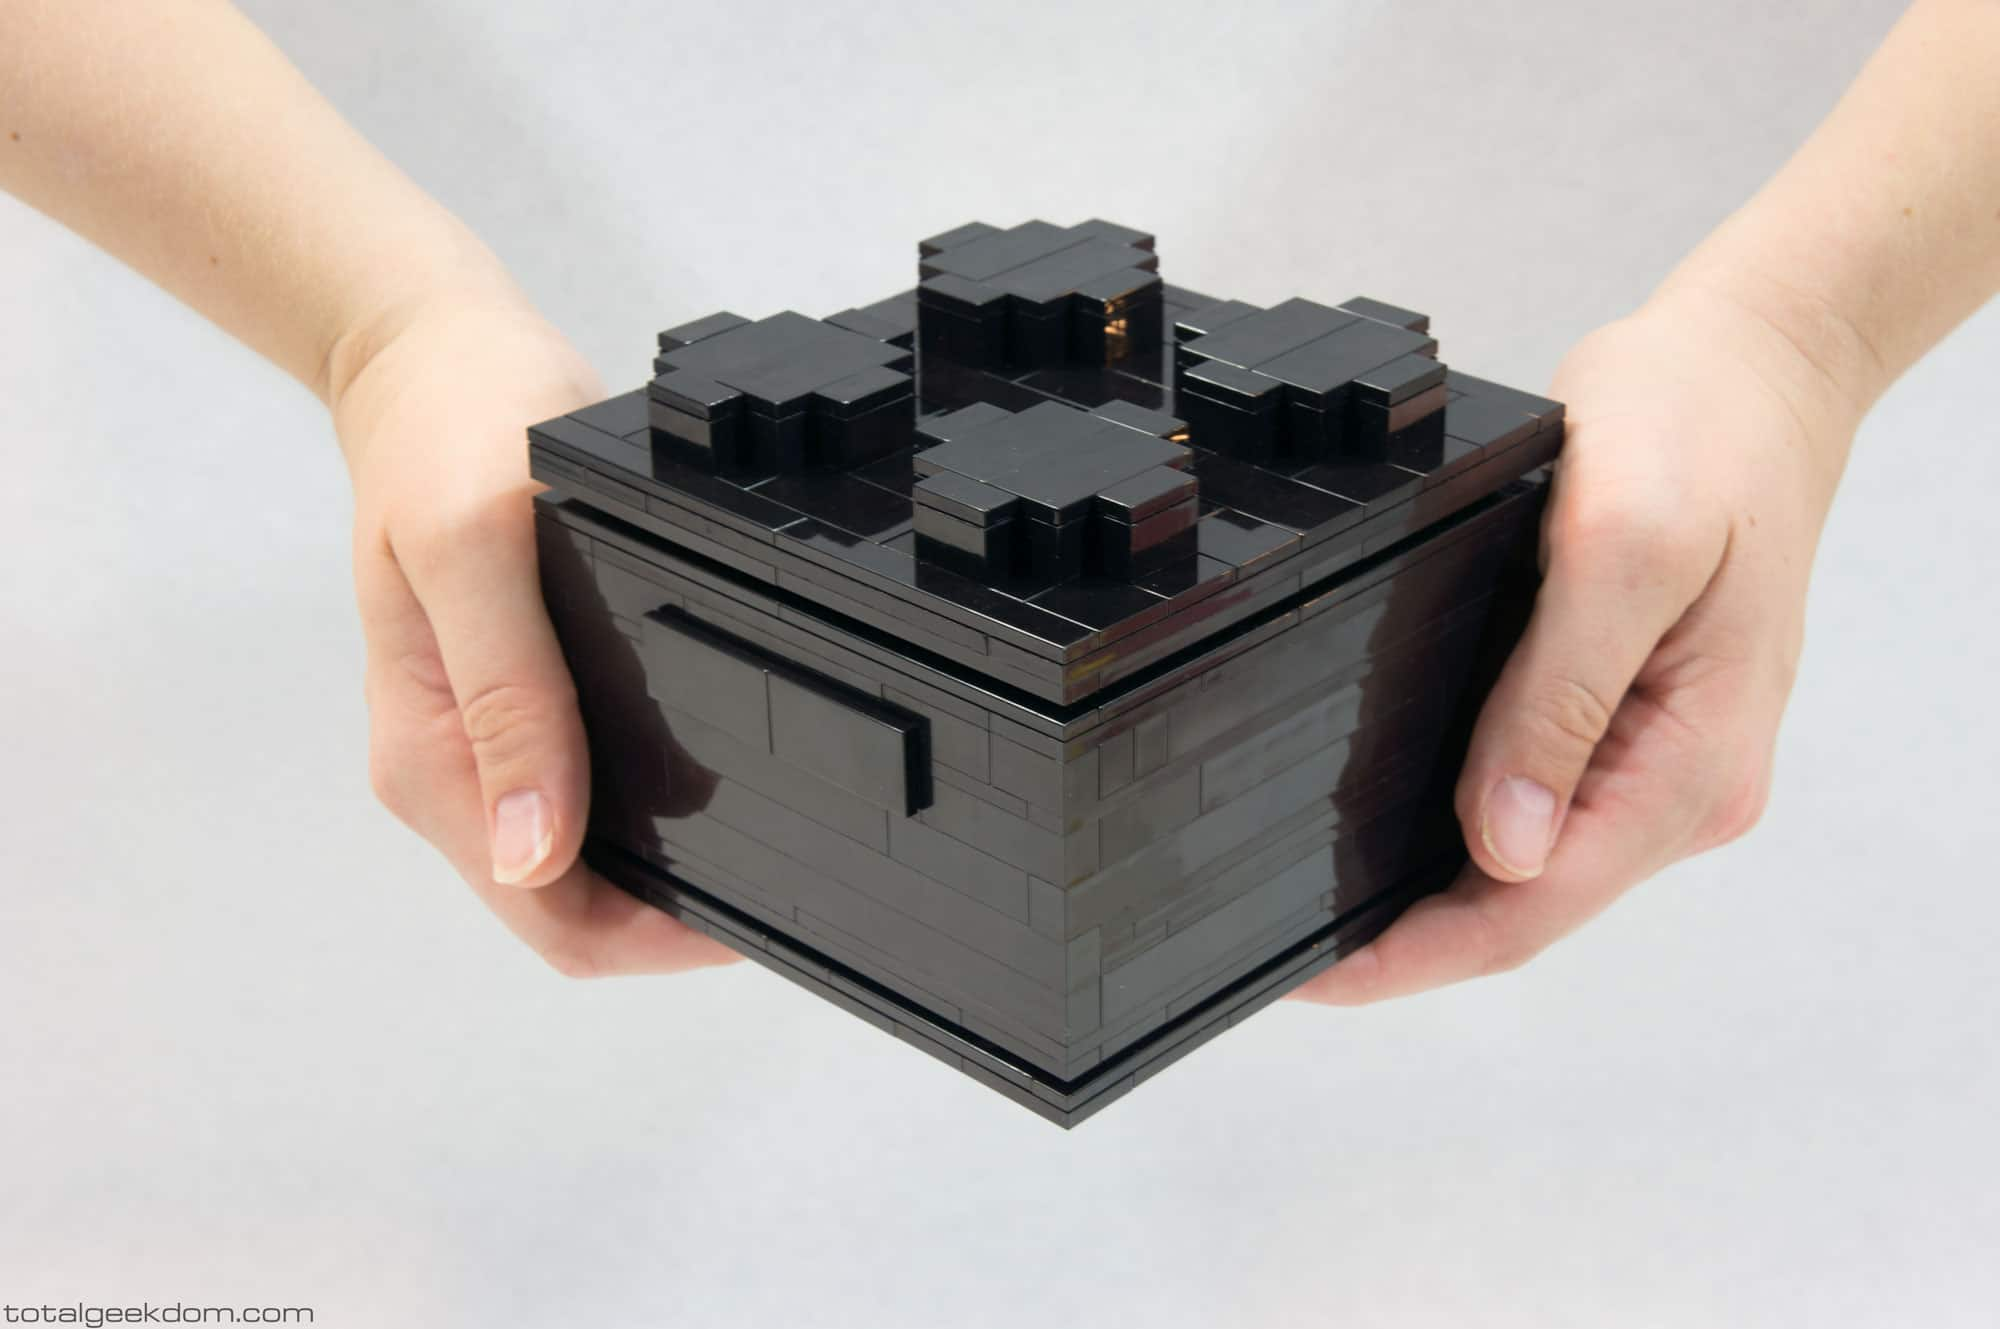 Ein LEGO-Rechner, der funktioniert. (Foto: Mike Schropp)